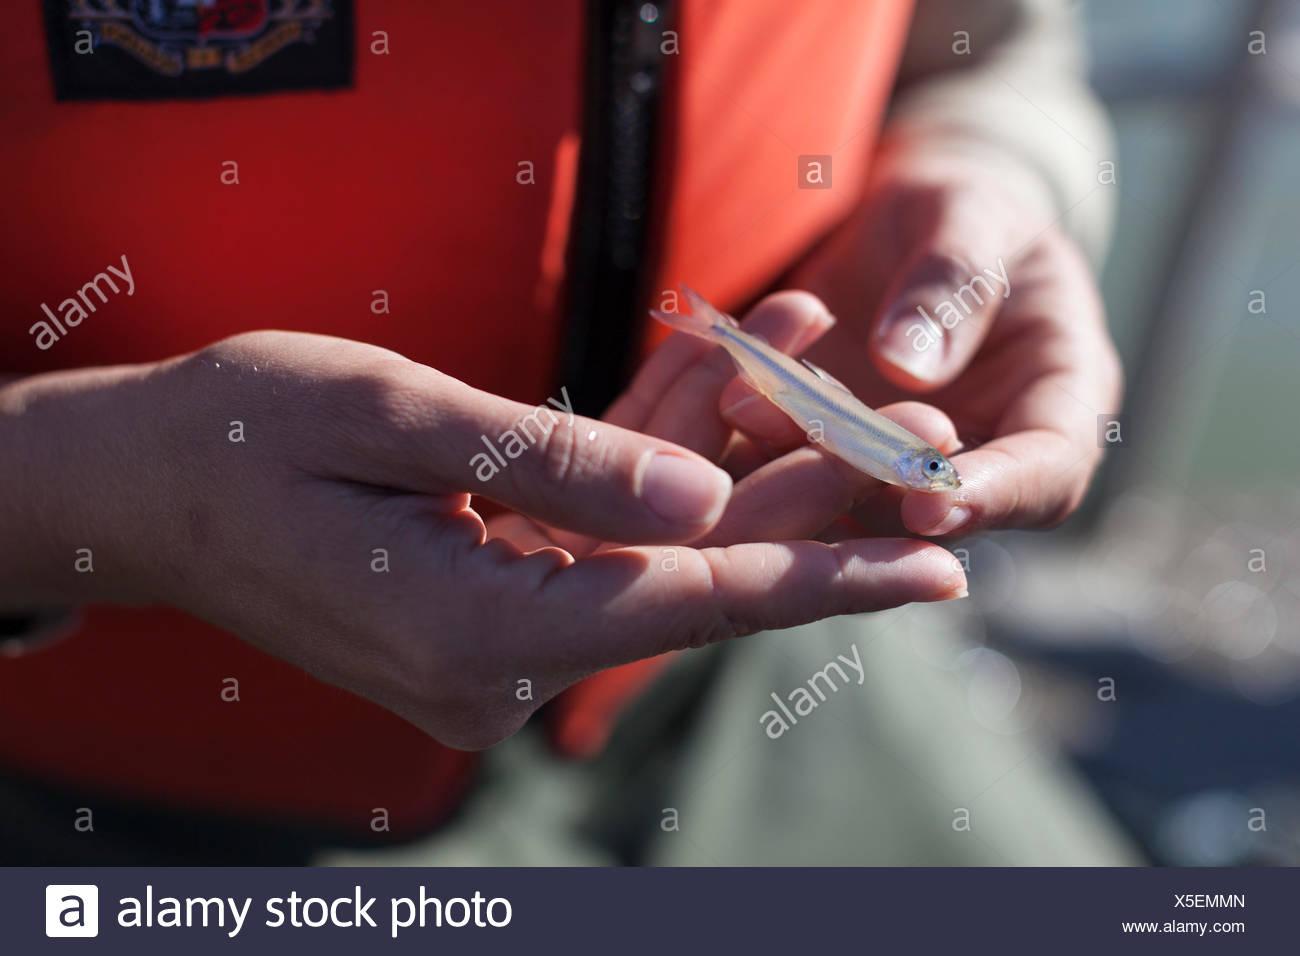 Científico medioambiental lauren damon de california departamento de peces y fauna silvestre, la realización de un muelle de arrastre de Kodiak para delta olía en el delta de California cerca de Antioquía, ca. encontraron un solo adulto. Foto de stock